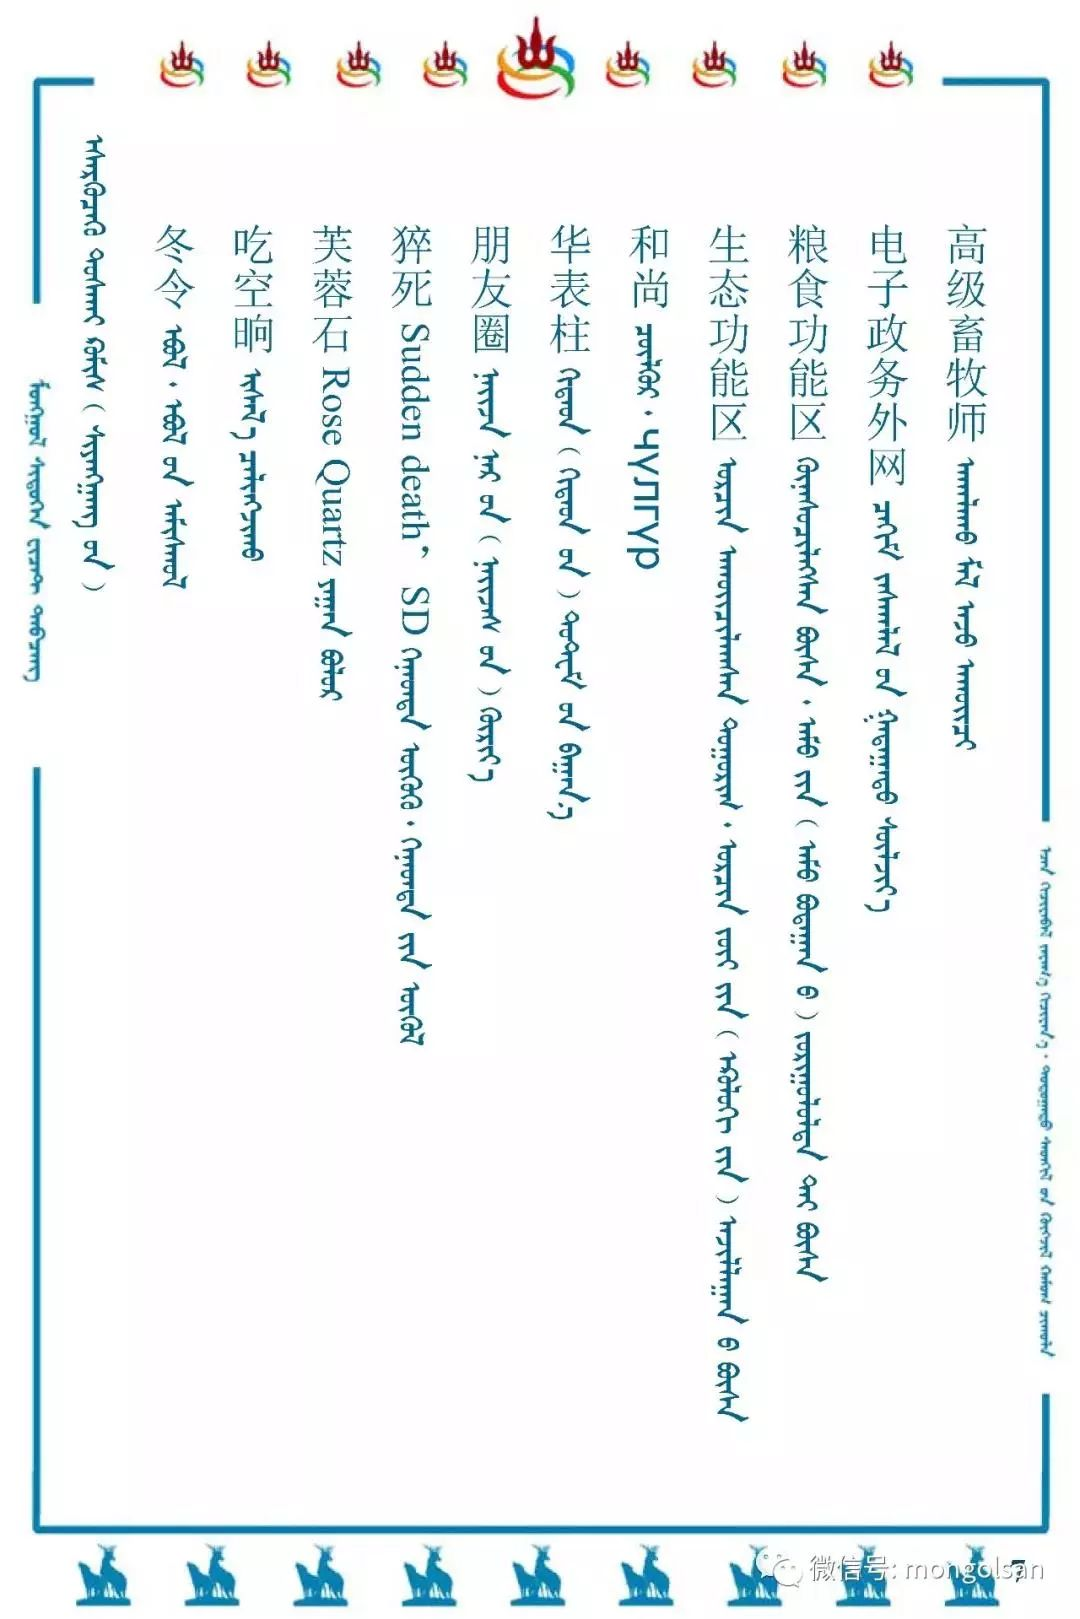 最新名词蒙古语翻译参考 第7张